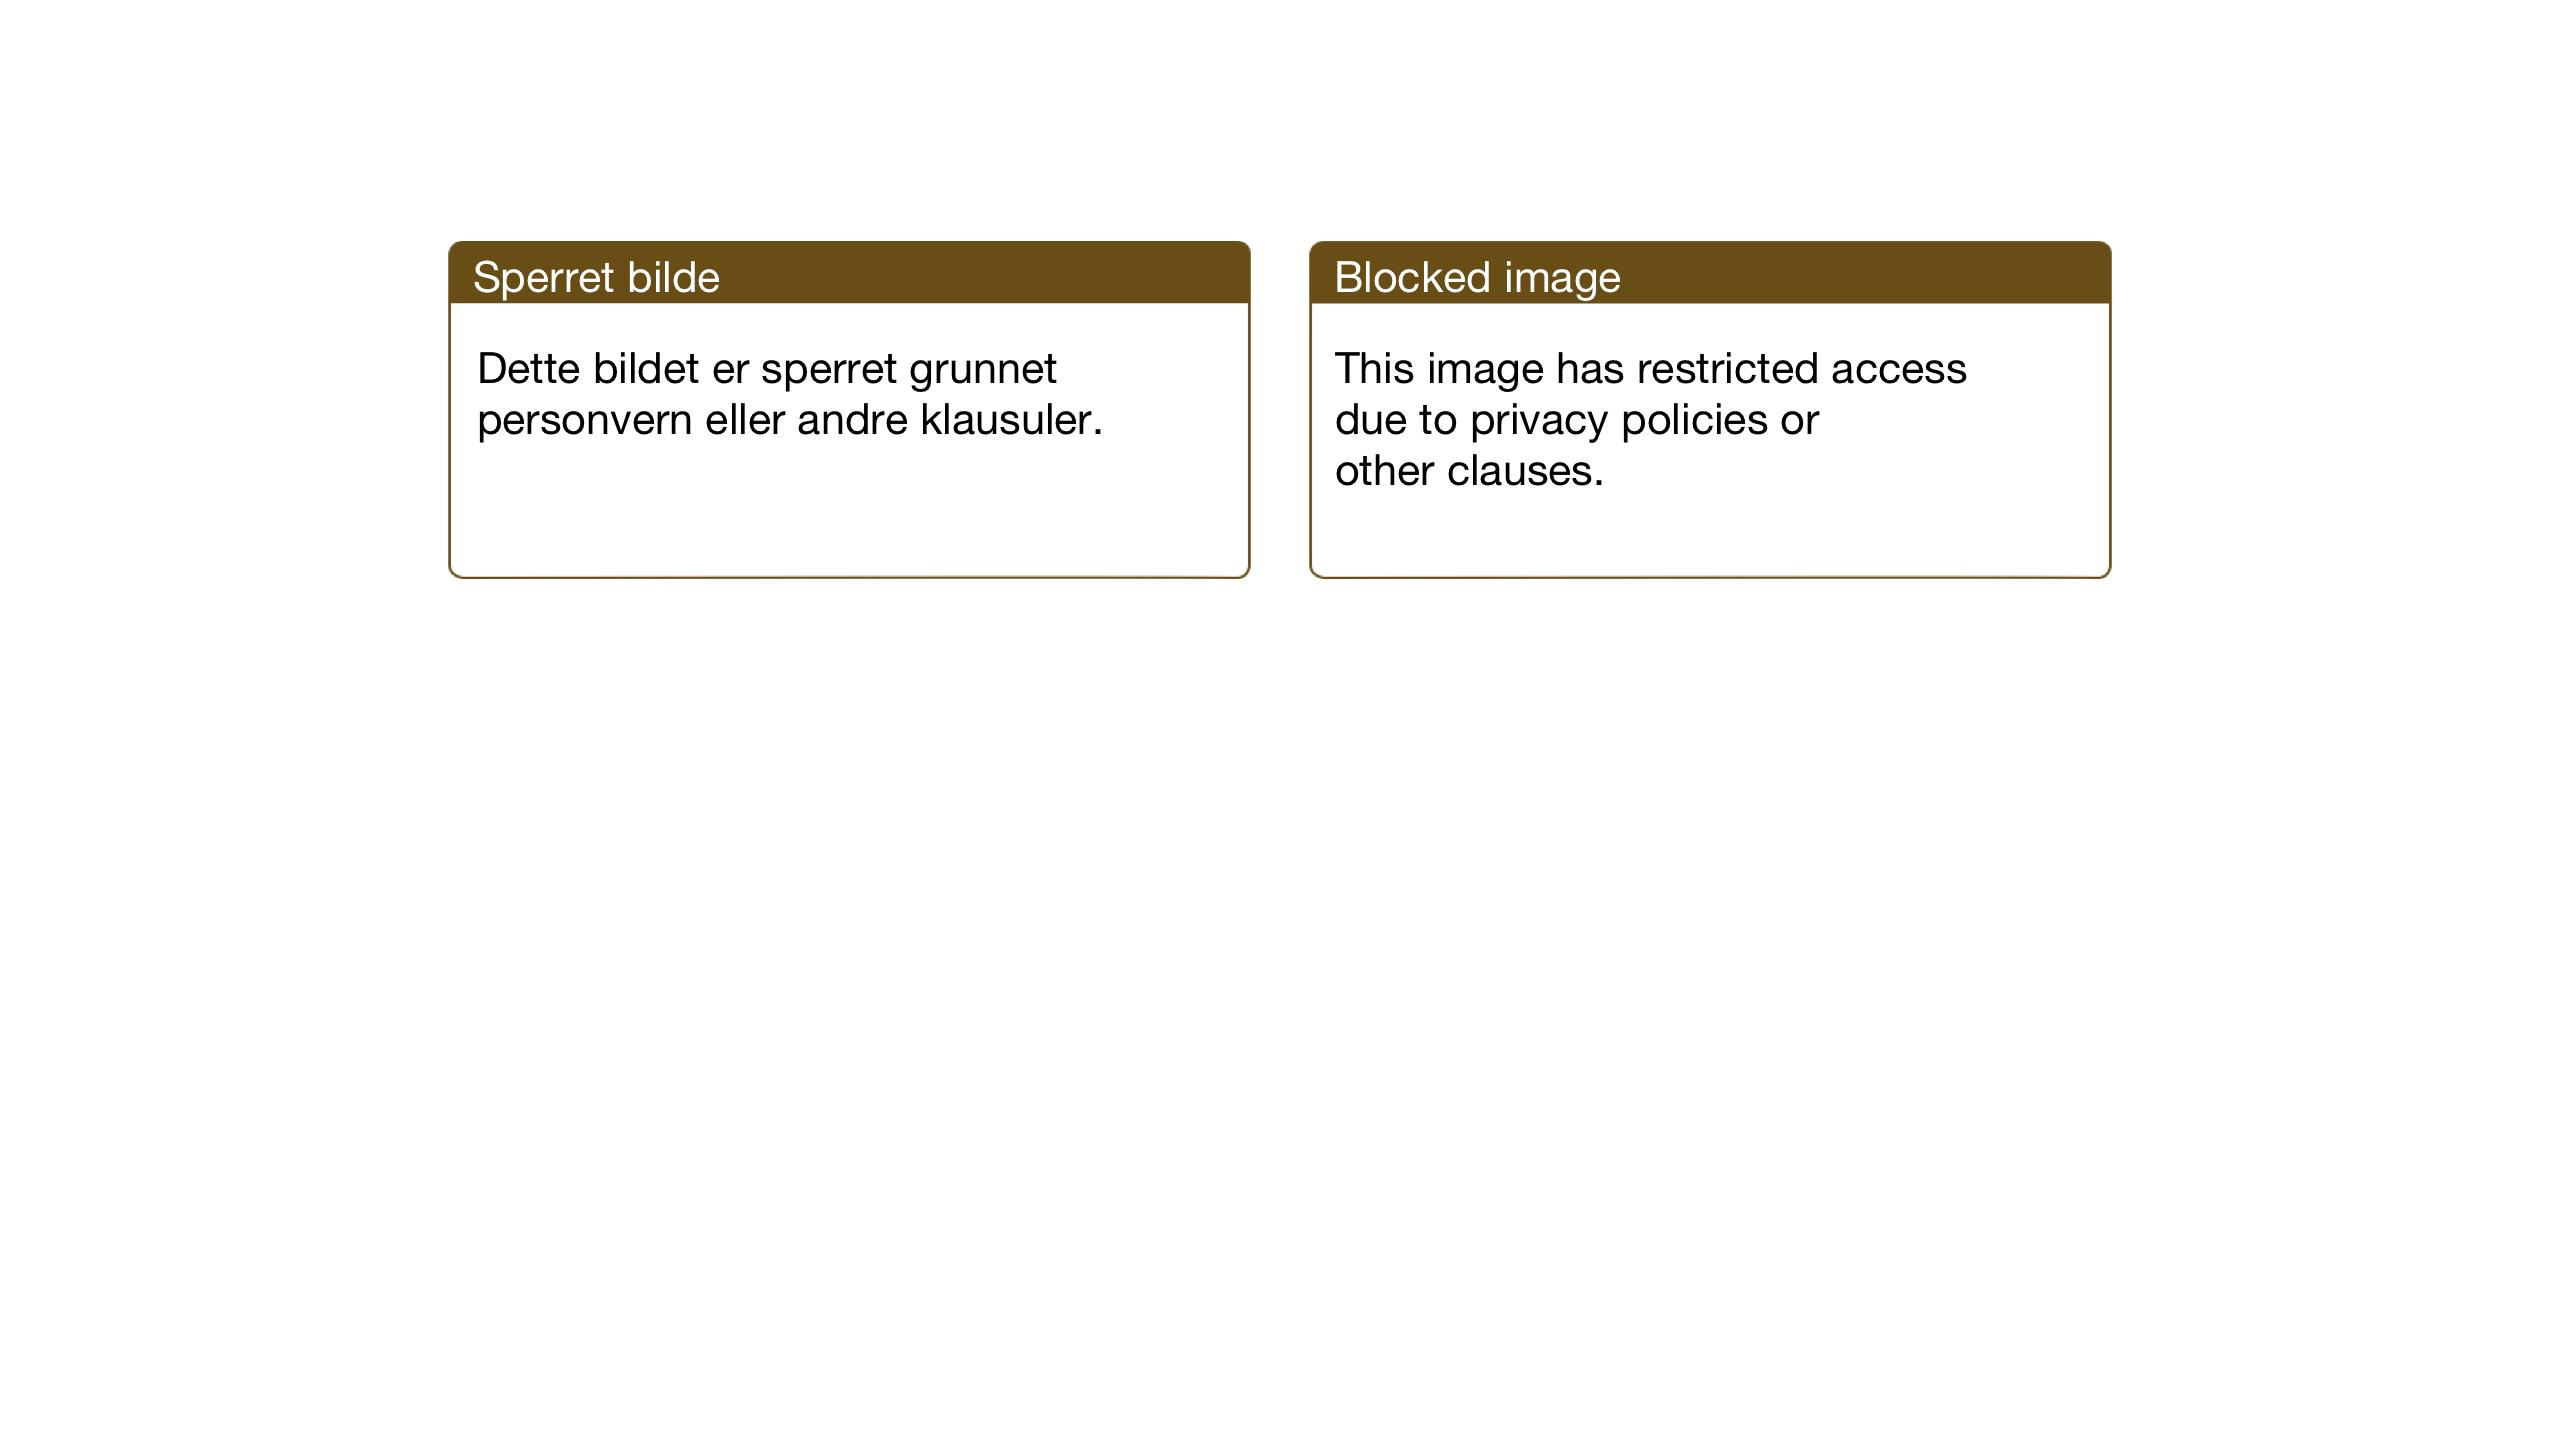 SAT, Ministerialprotokoller, klokkerbøker og fødselsregistre - Nord-Trøndelag, 786/L0689: Klokkerbok nr. 786C01, 1940-1948, s. 460-461